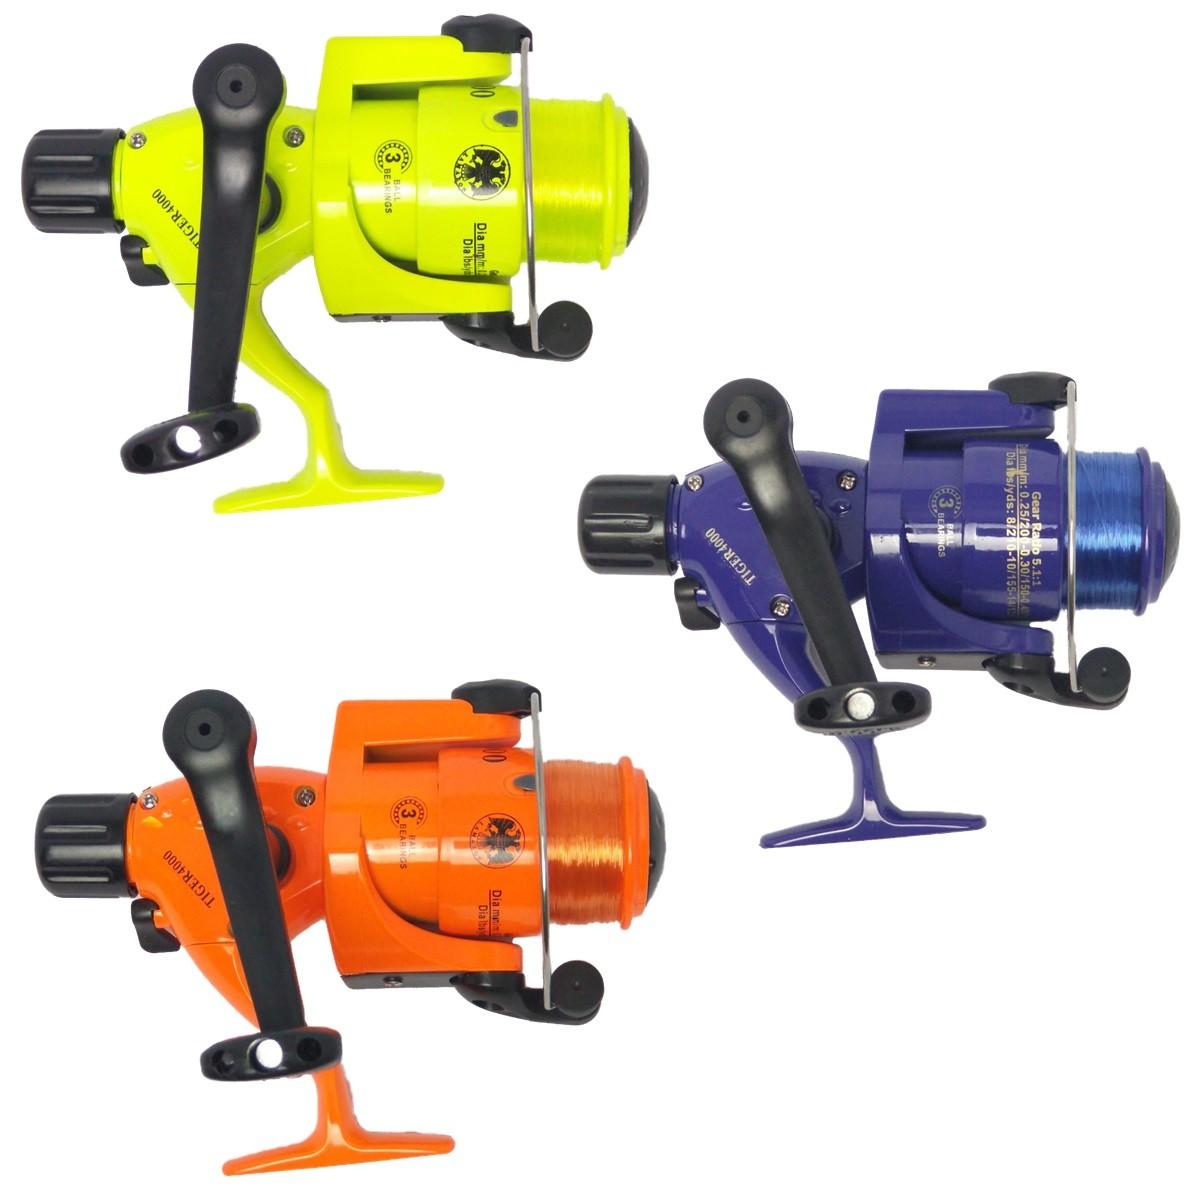 Kit De Pesca Completo 2 Vara 1,70 2 Molinete 4000 Com Itens